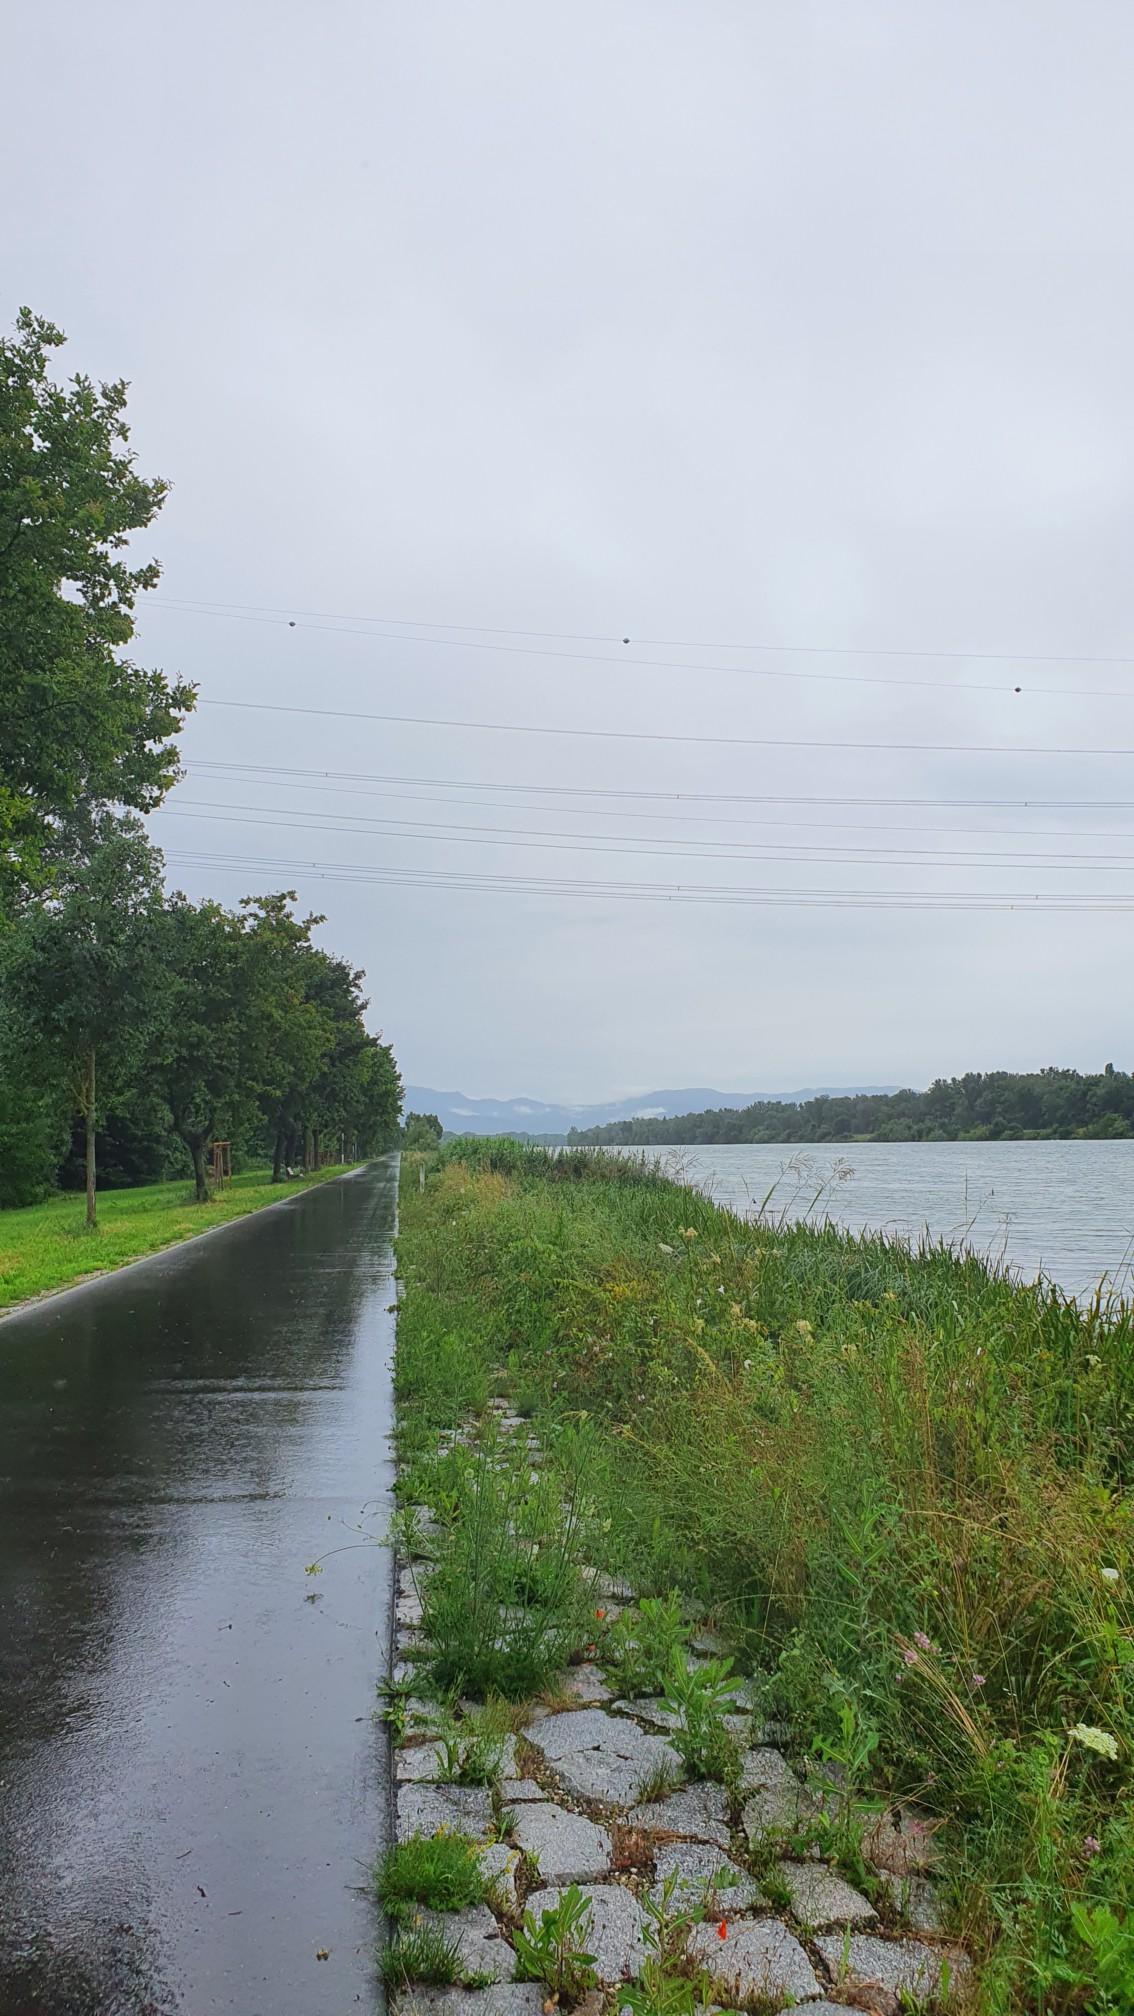 Bei Breisach am Rhein